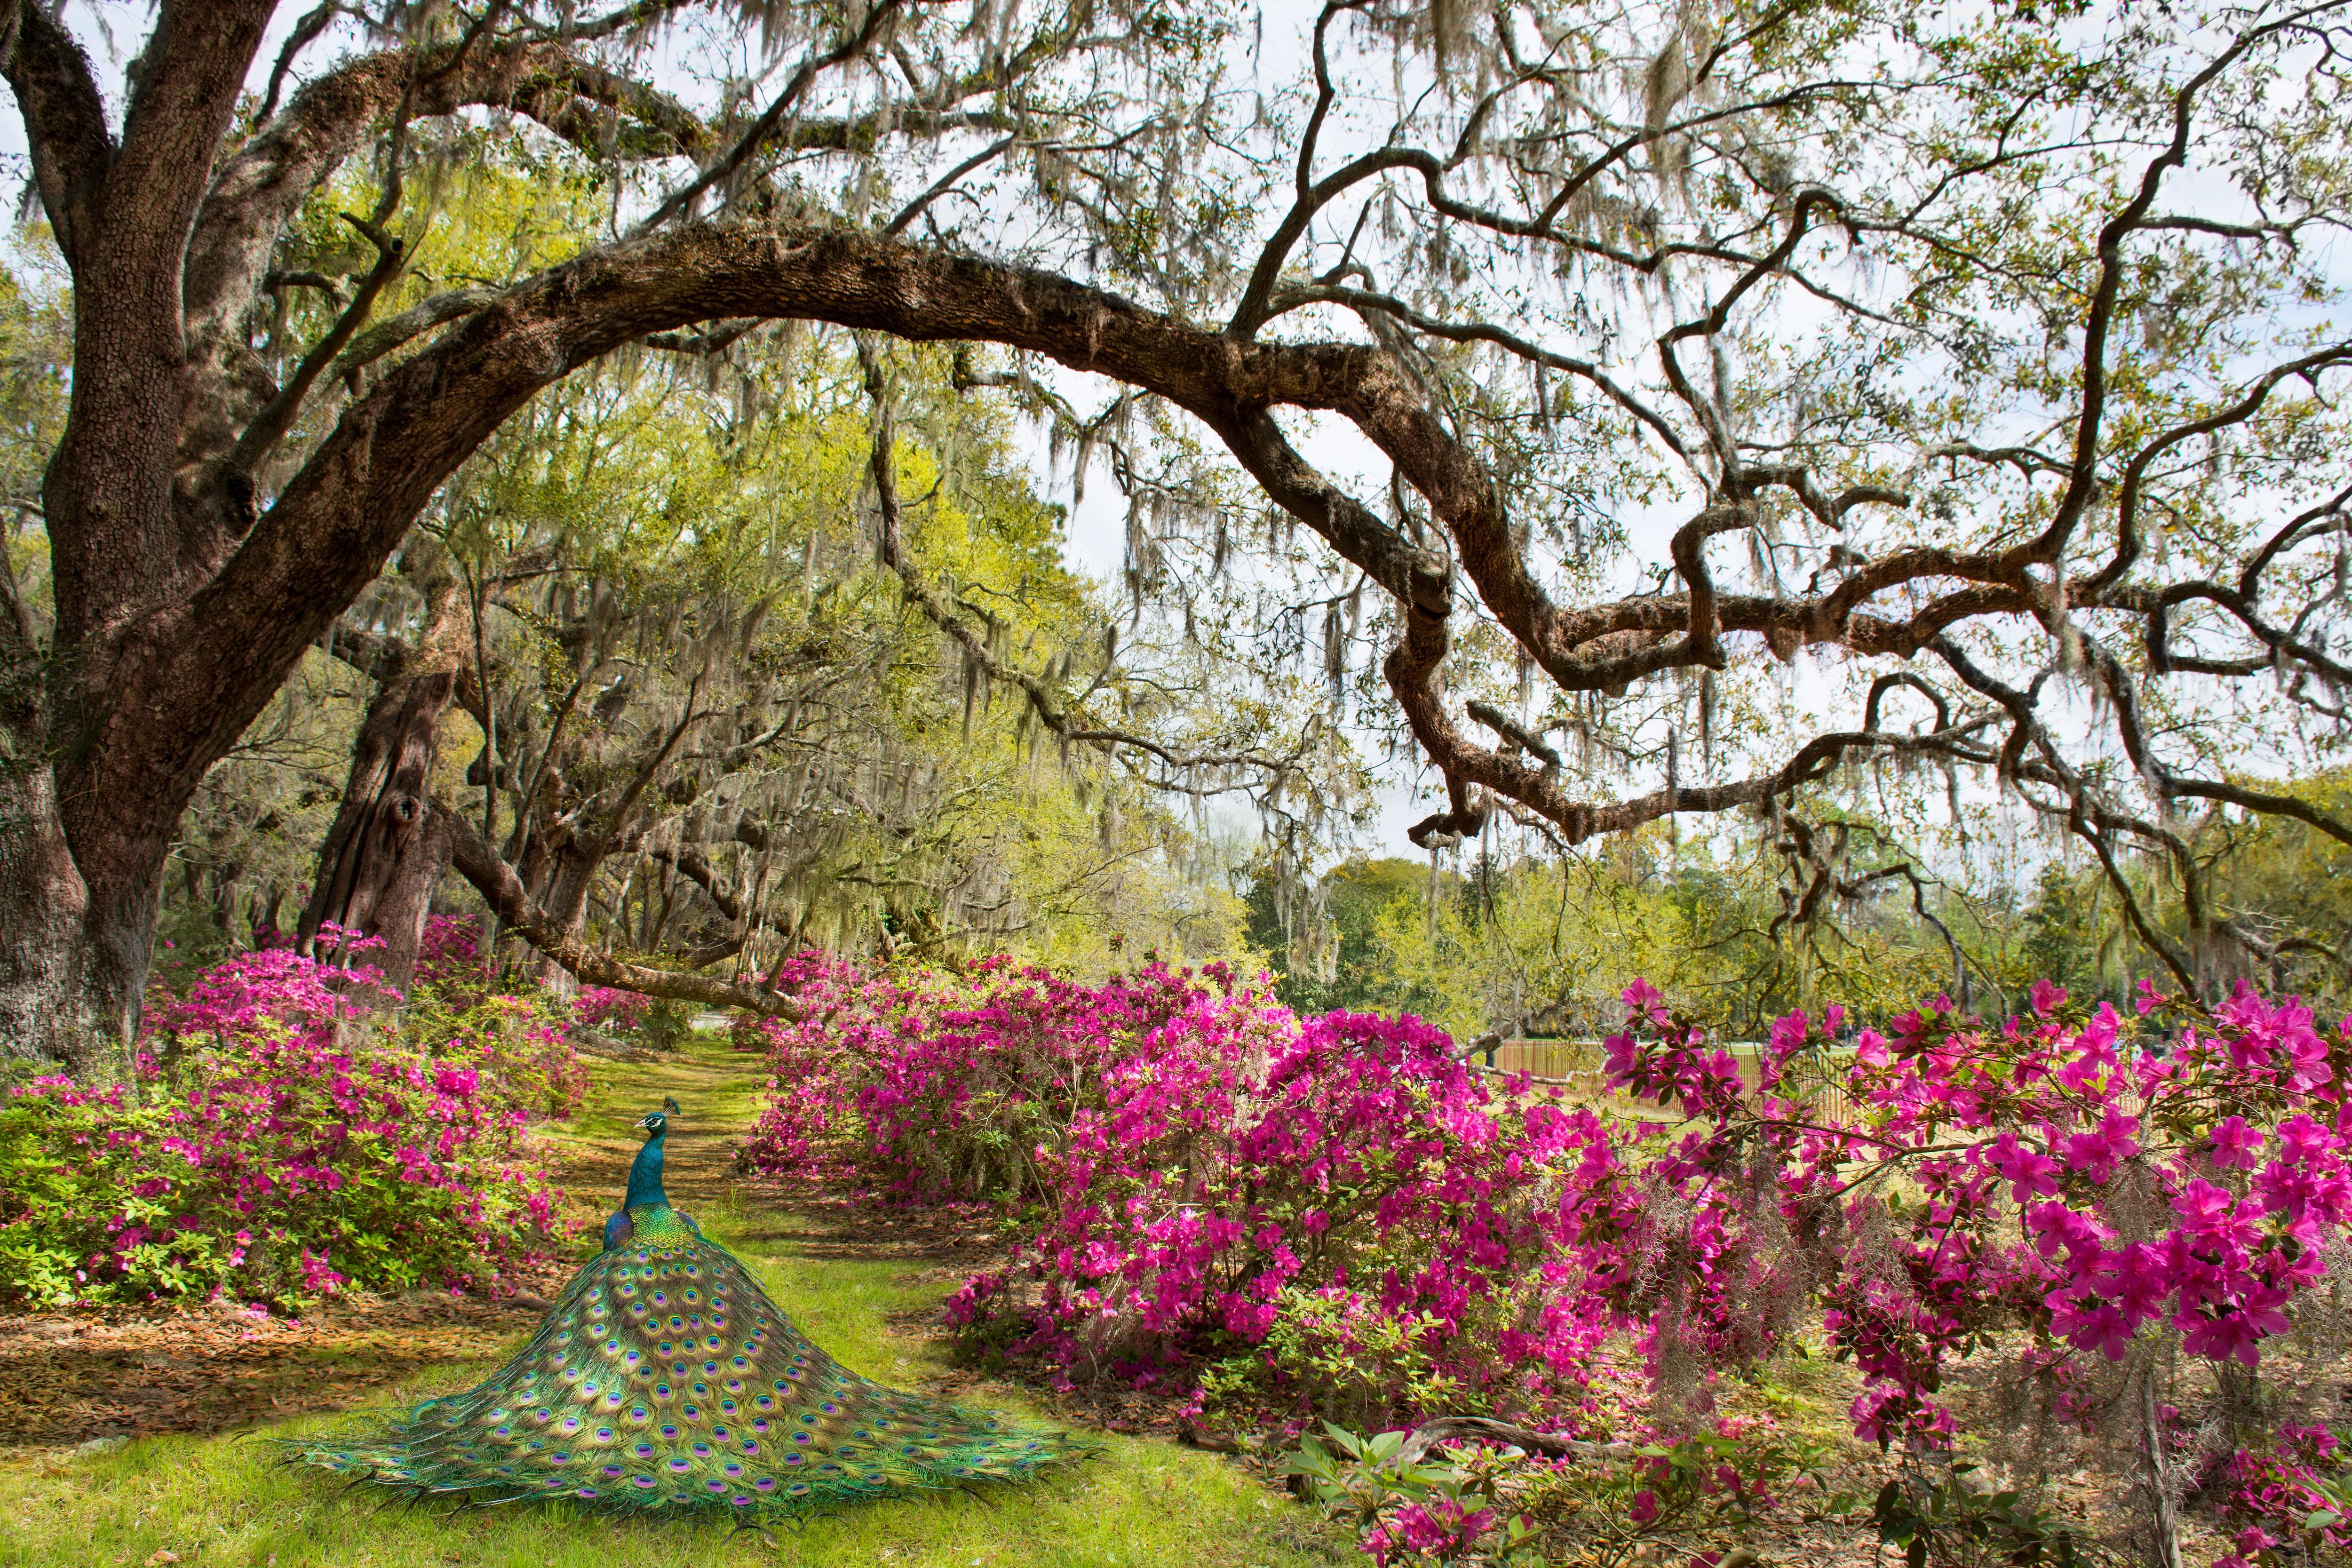 Peacock walking through a garden in Charleston, South Carolina.